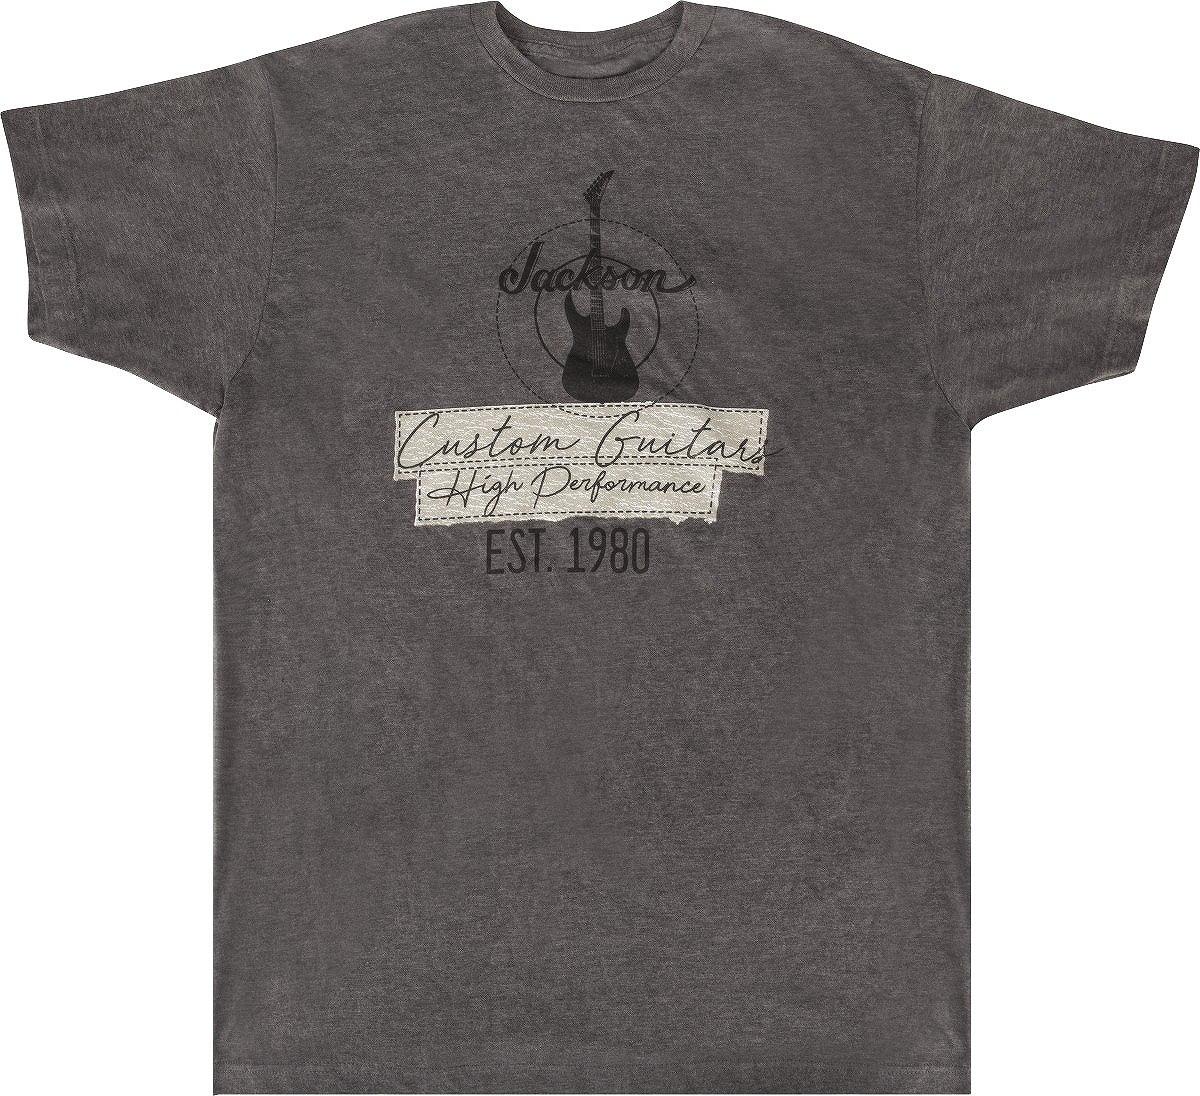 アクセサリー, その他 Jackson Jackson Custom Guitar T-Shirt Charcoal S T